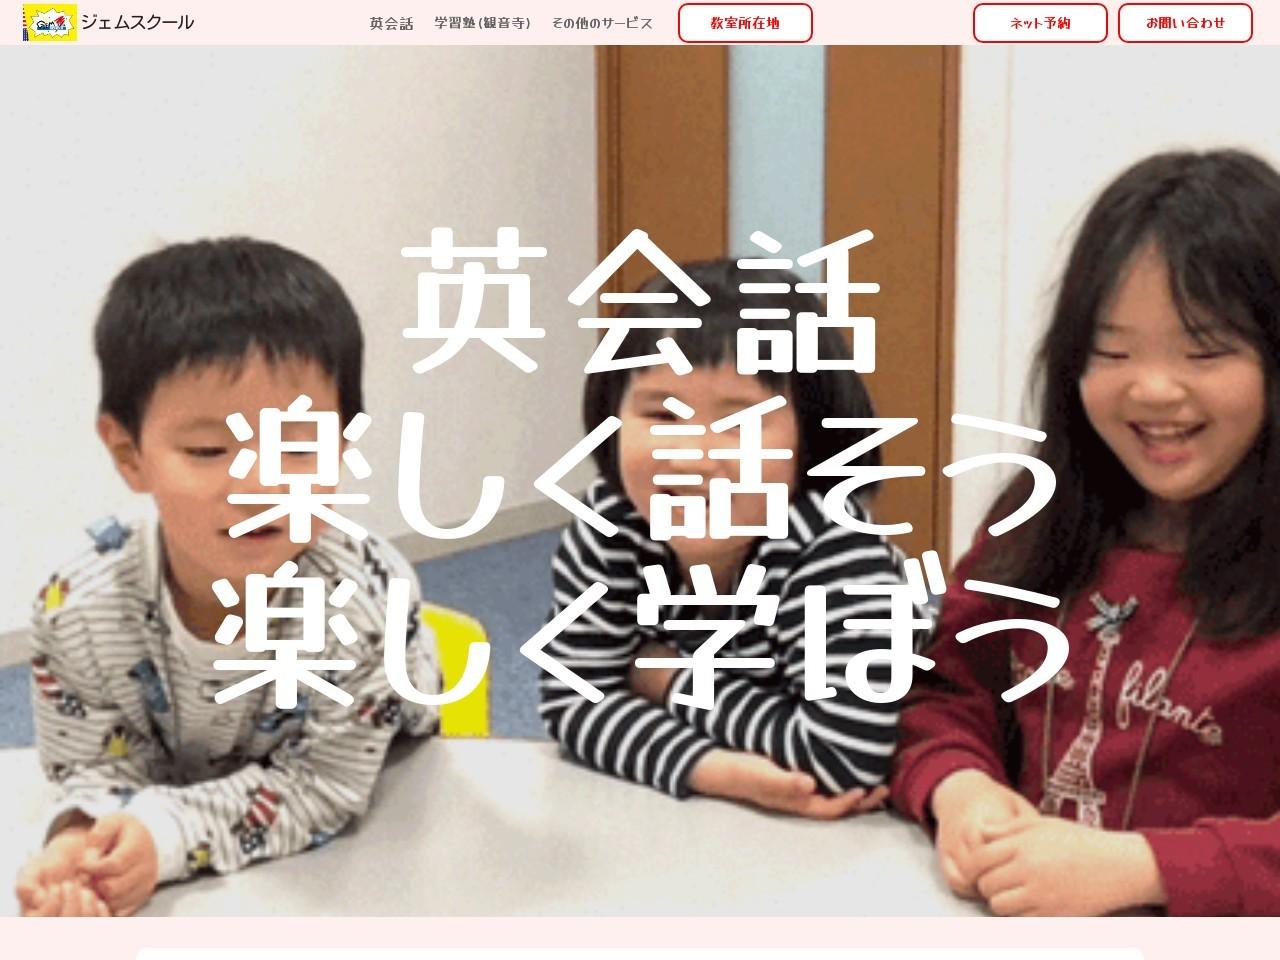 ジェムスクール/宇多津校